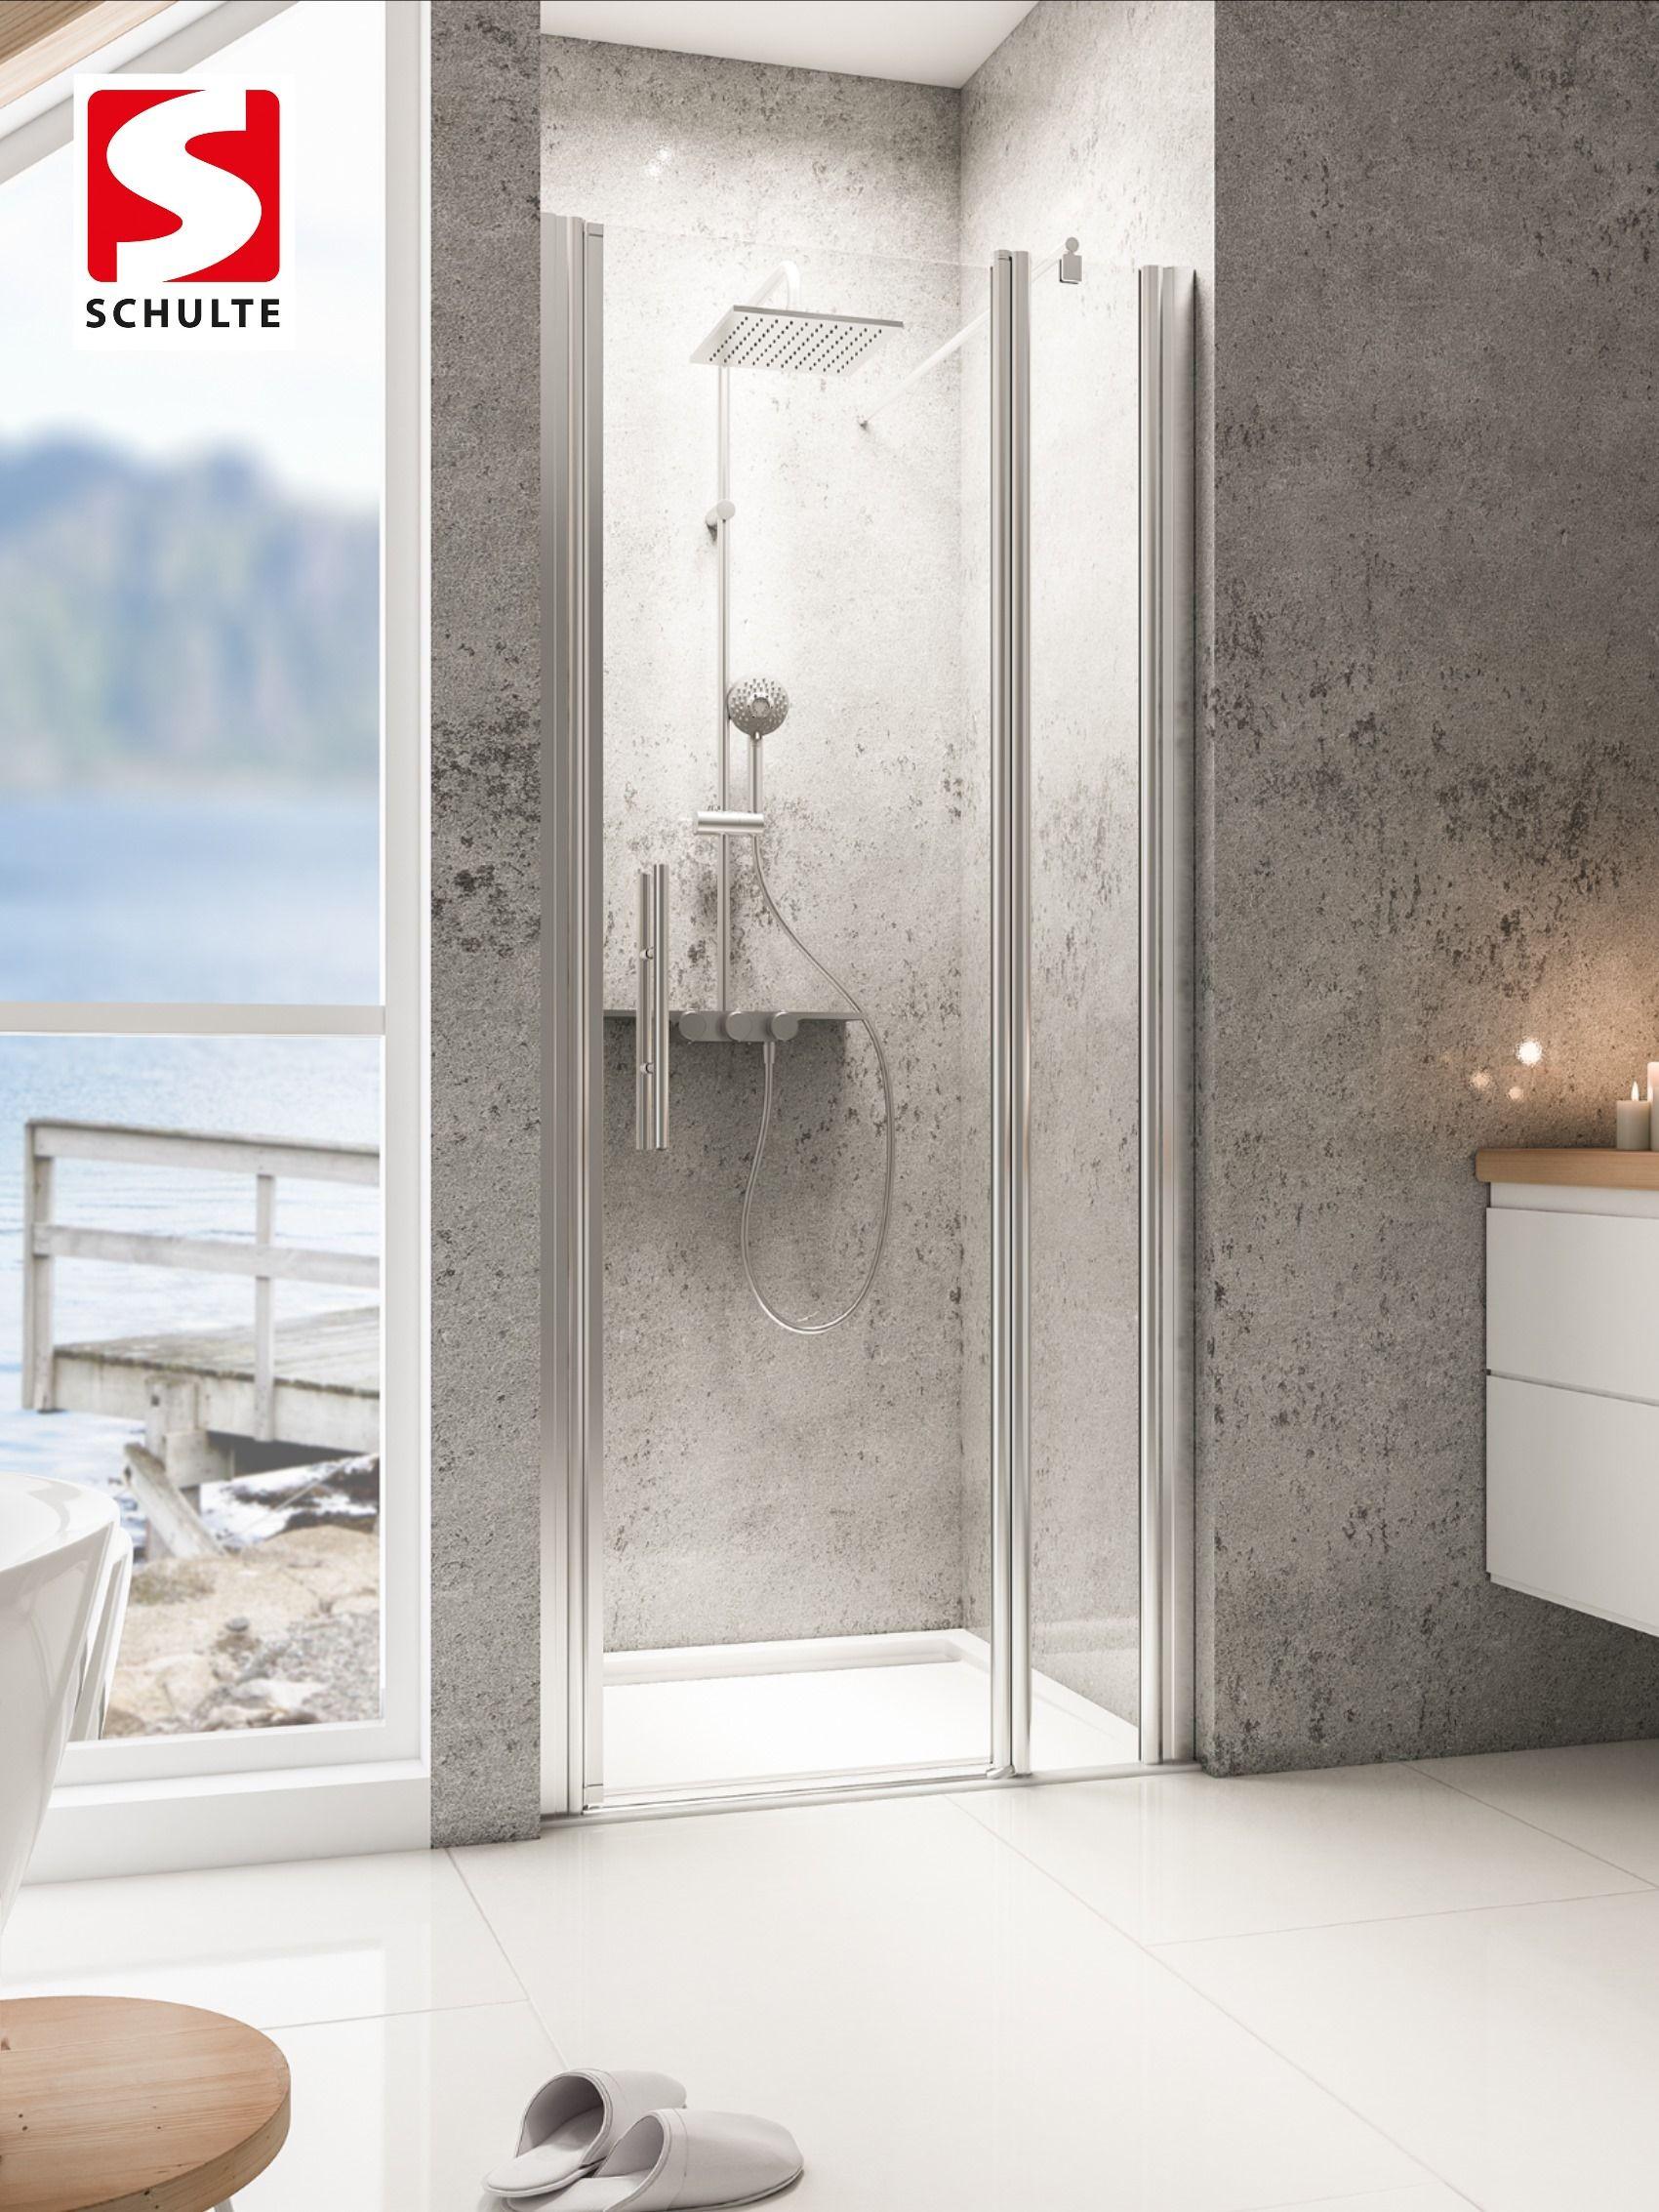 Unsere Duschkabinenserie Garant Weist Eine Elegante Profiloptik Auf Die 6 Mm Starken Sicherheitsglaser Esg Werden Hierdur In 2020 Dusche Duschkabine Duschabtrennung